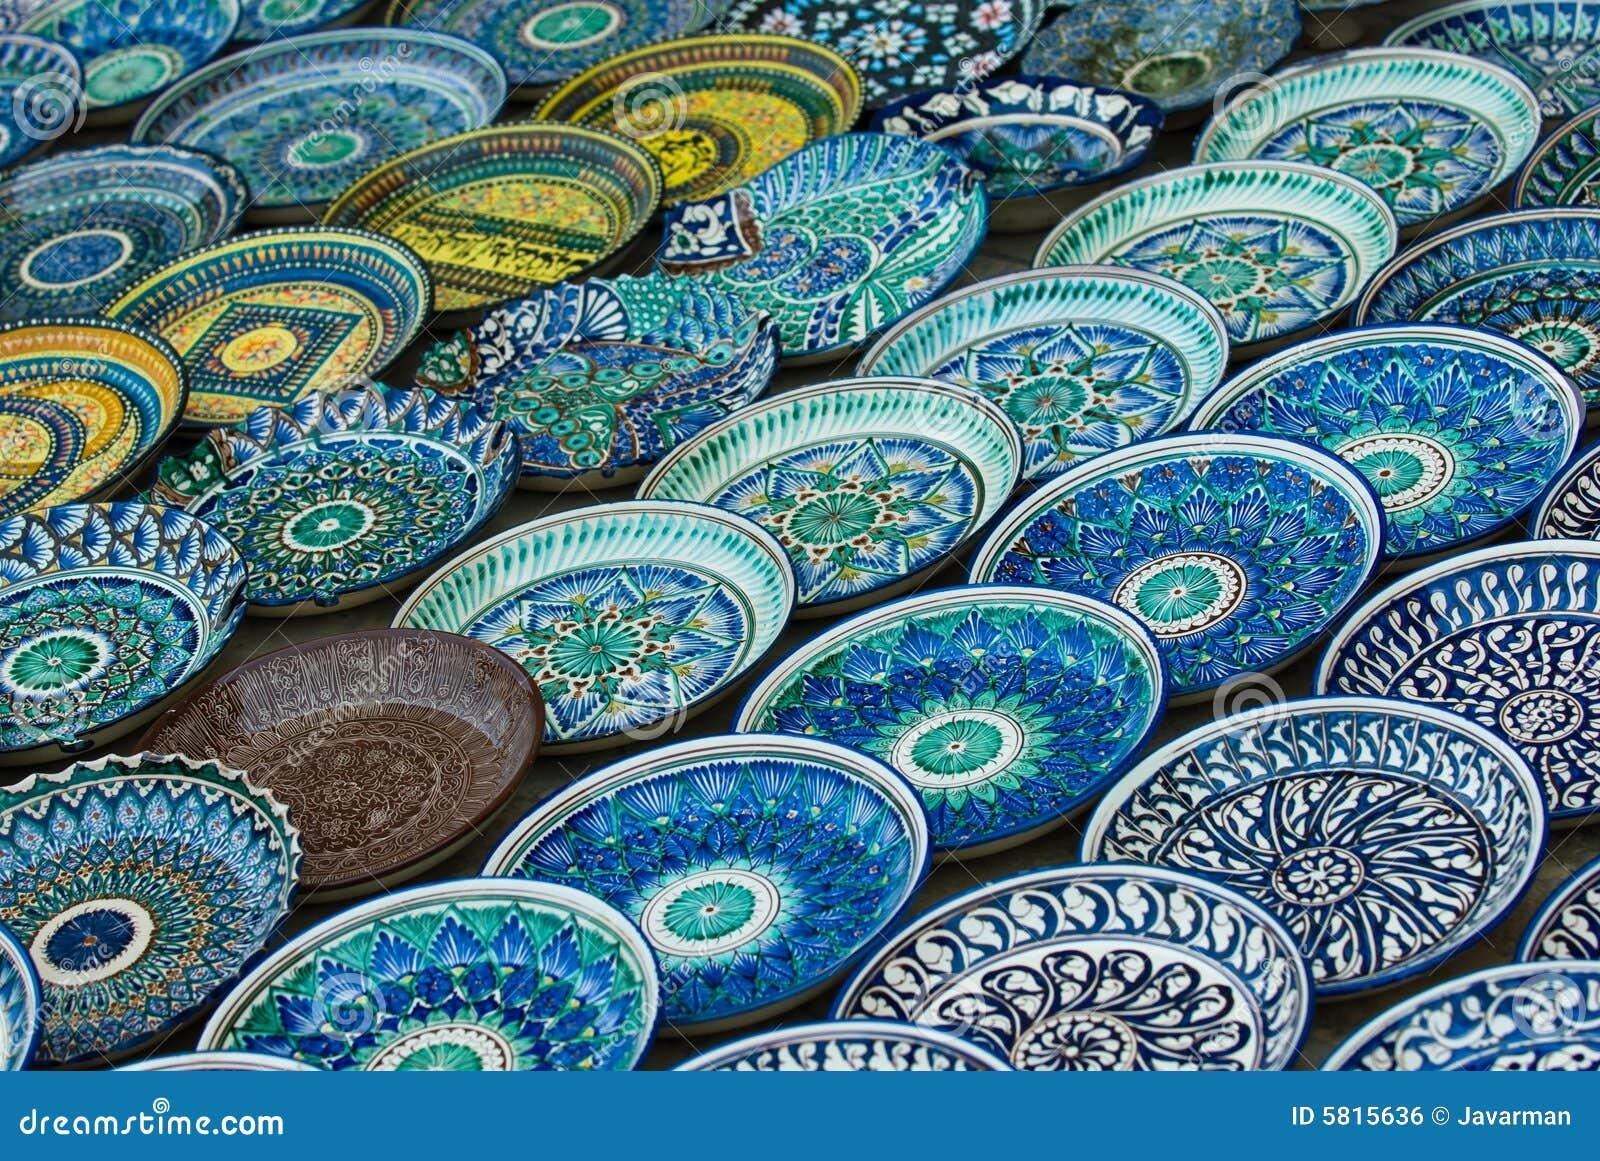 Background Of Ceramic Plates Royalty Free Stock Image - Image: 5815636